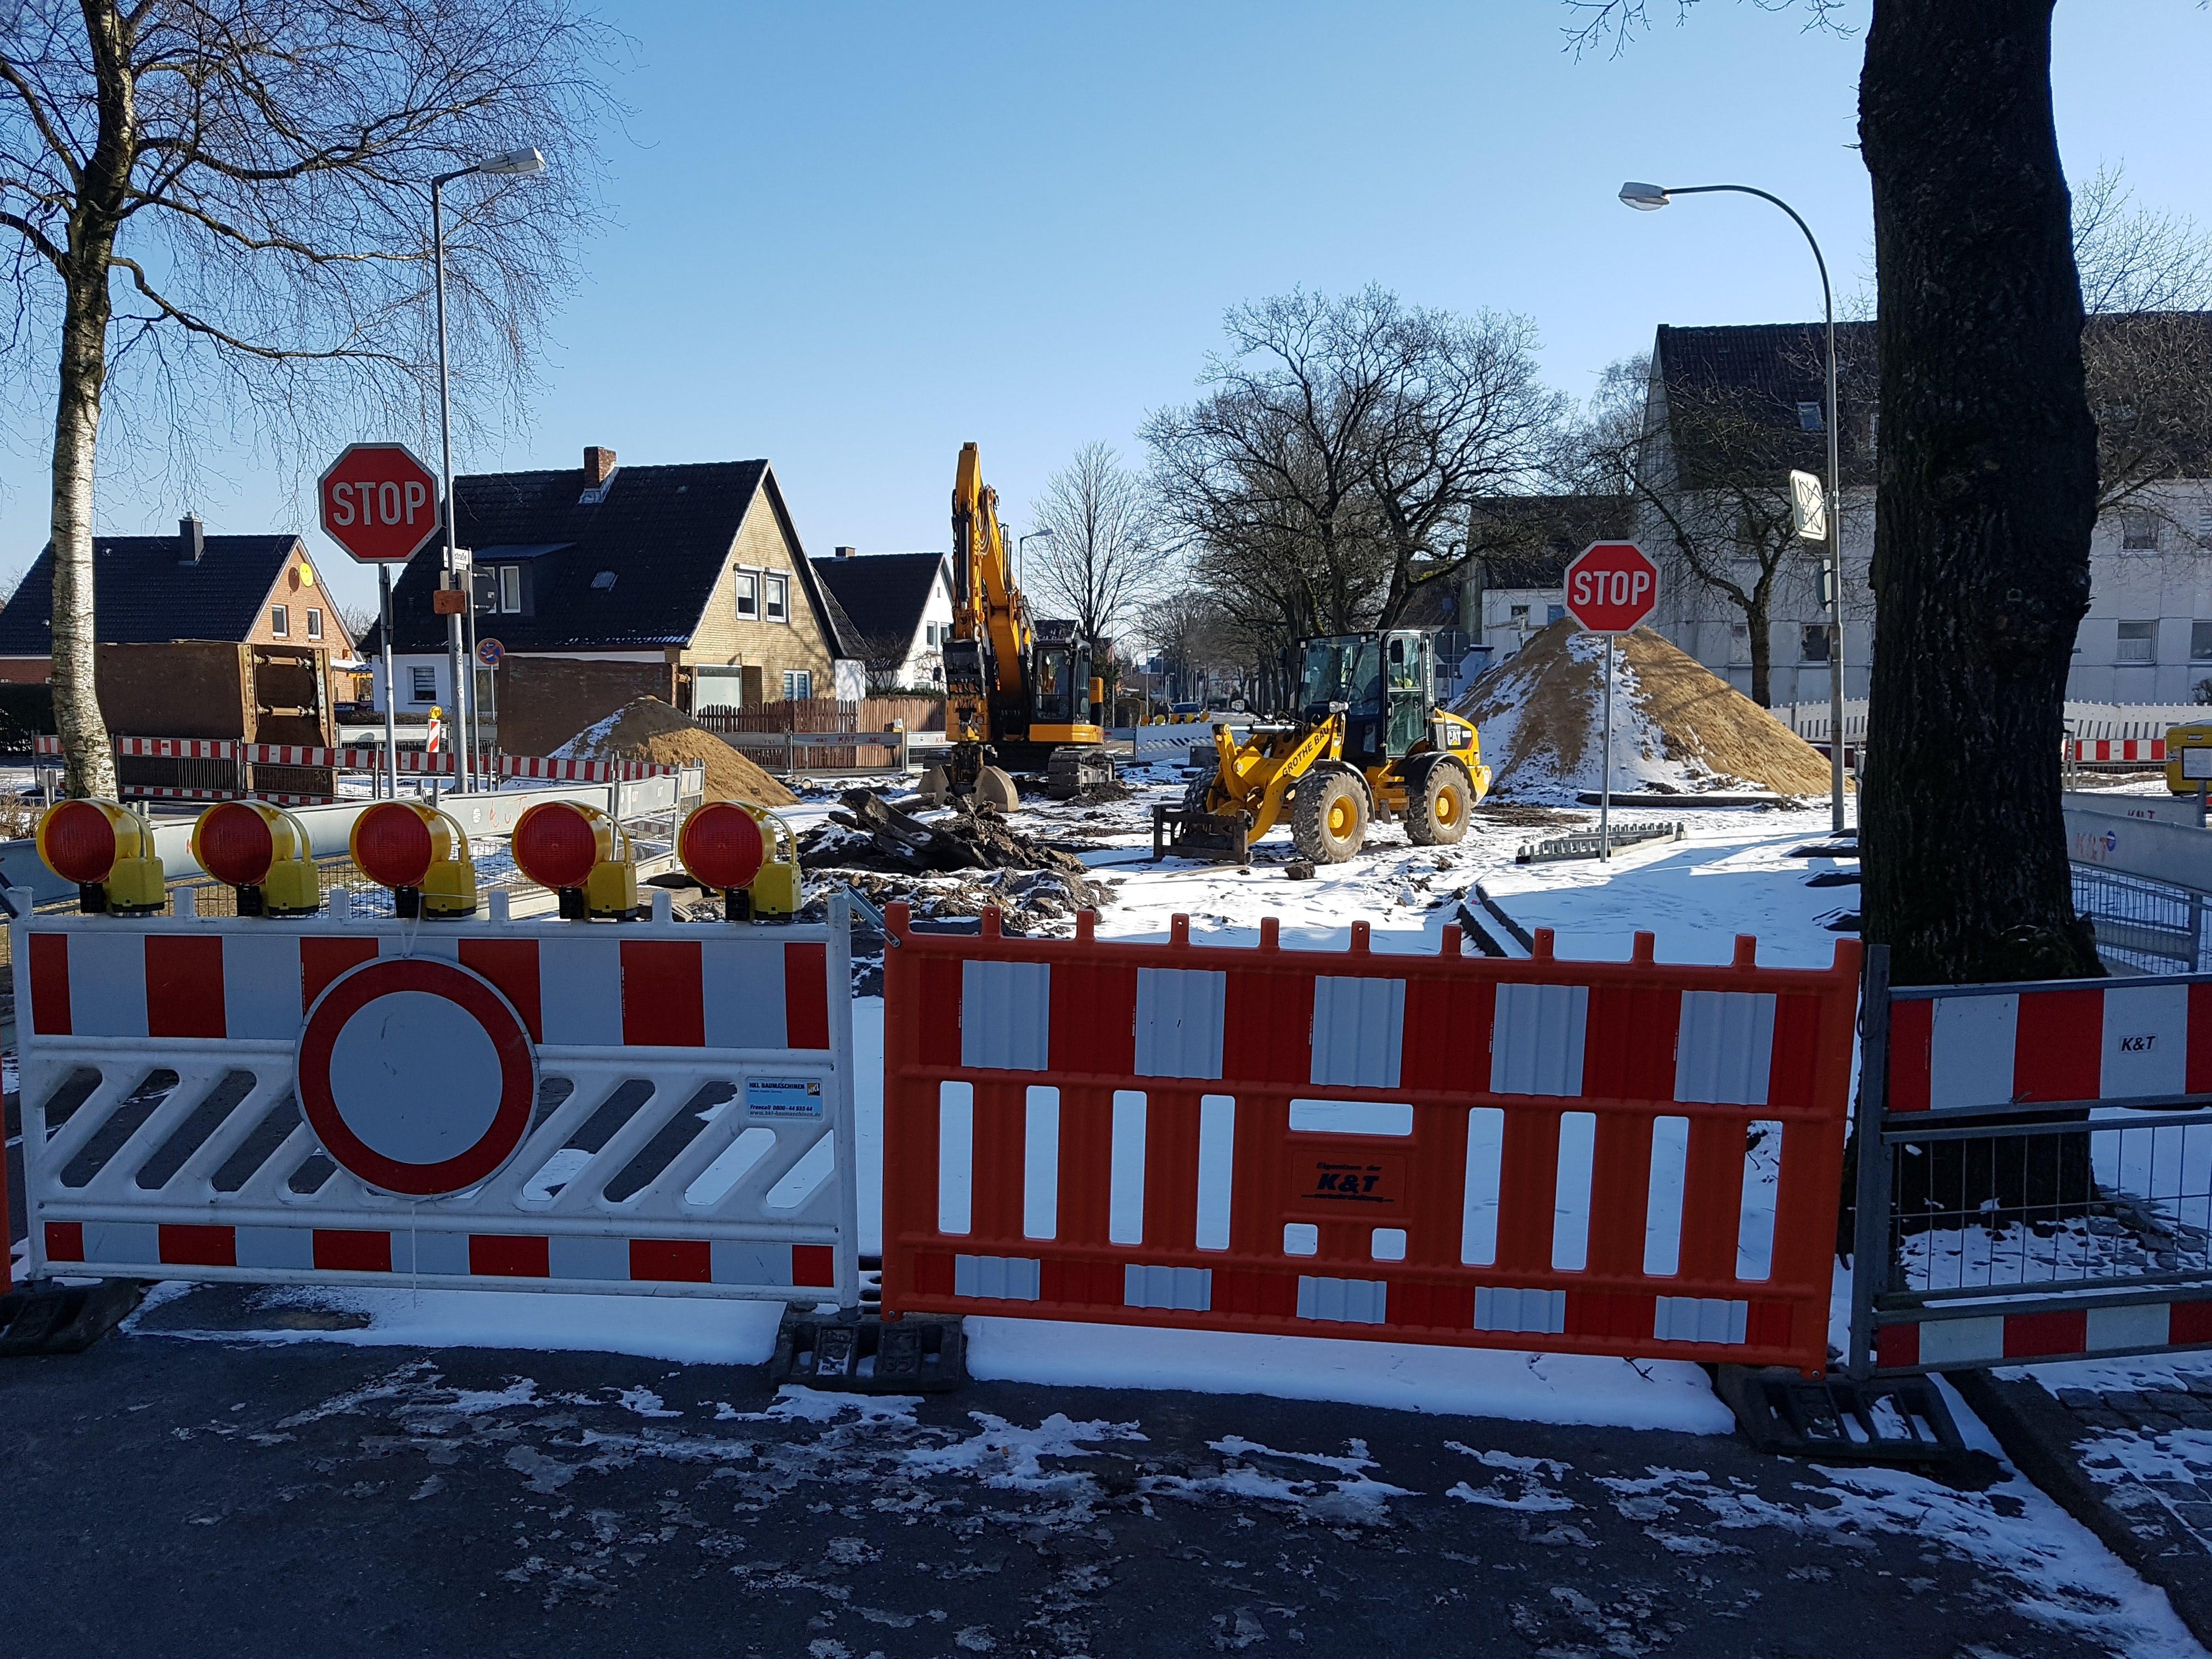 Kronsheider Strasse in Wahlstedt